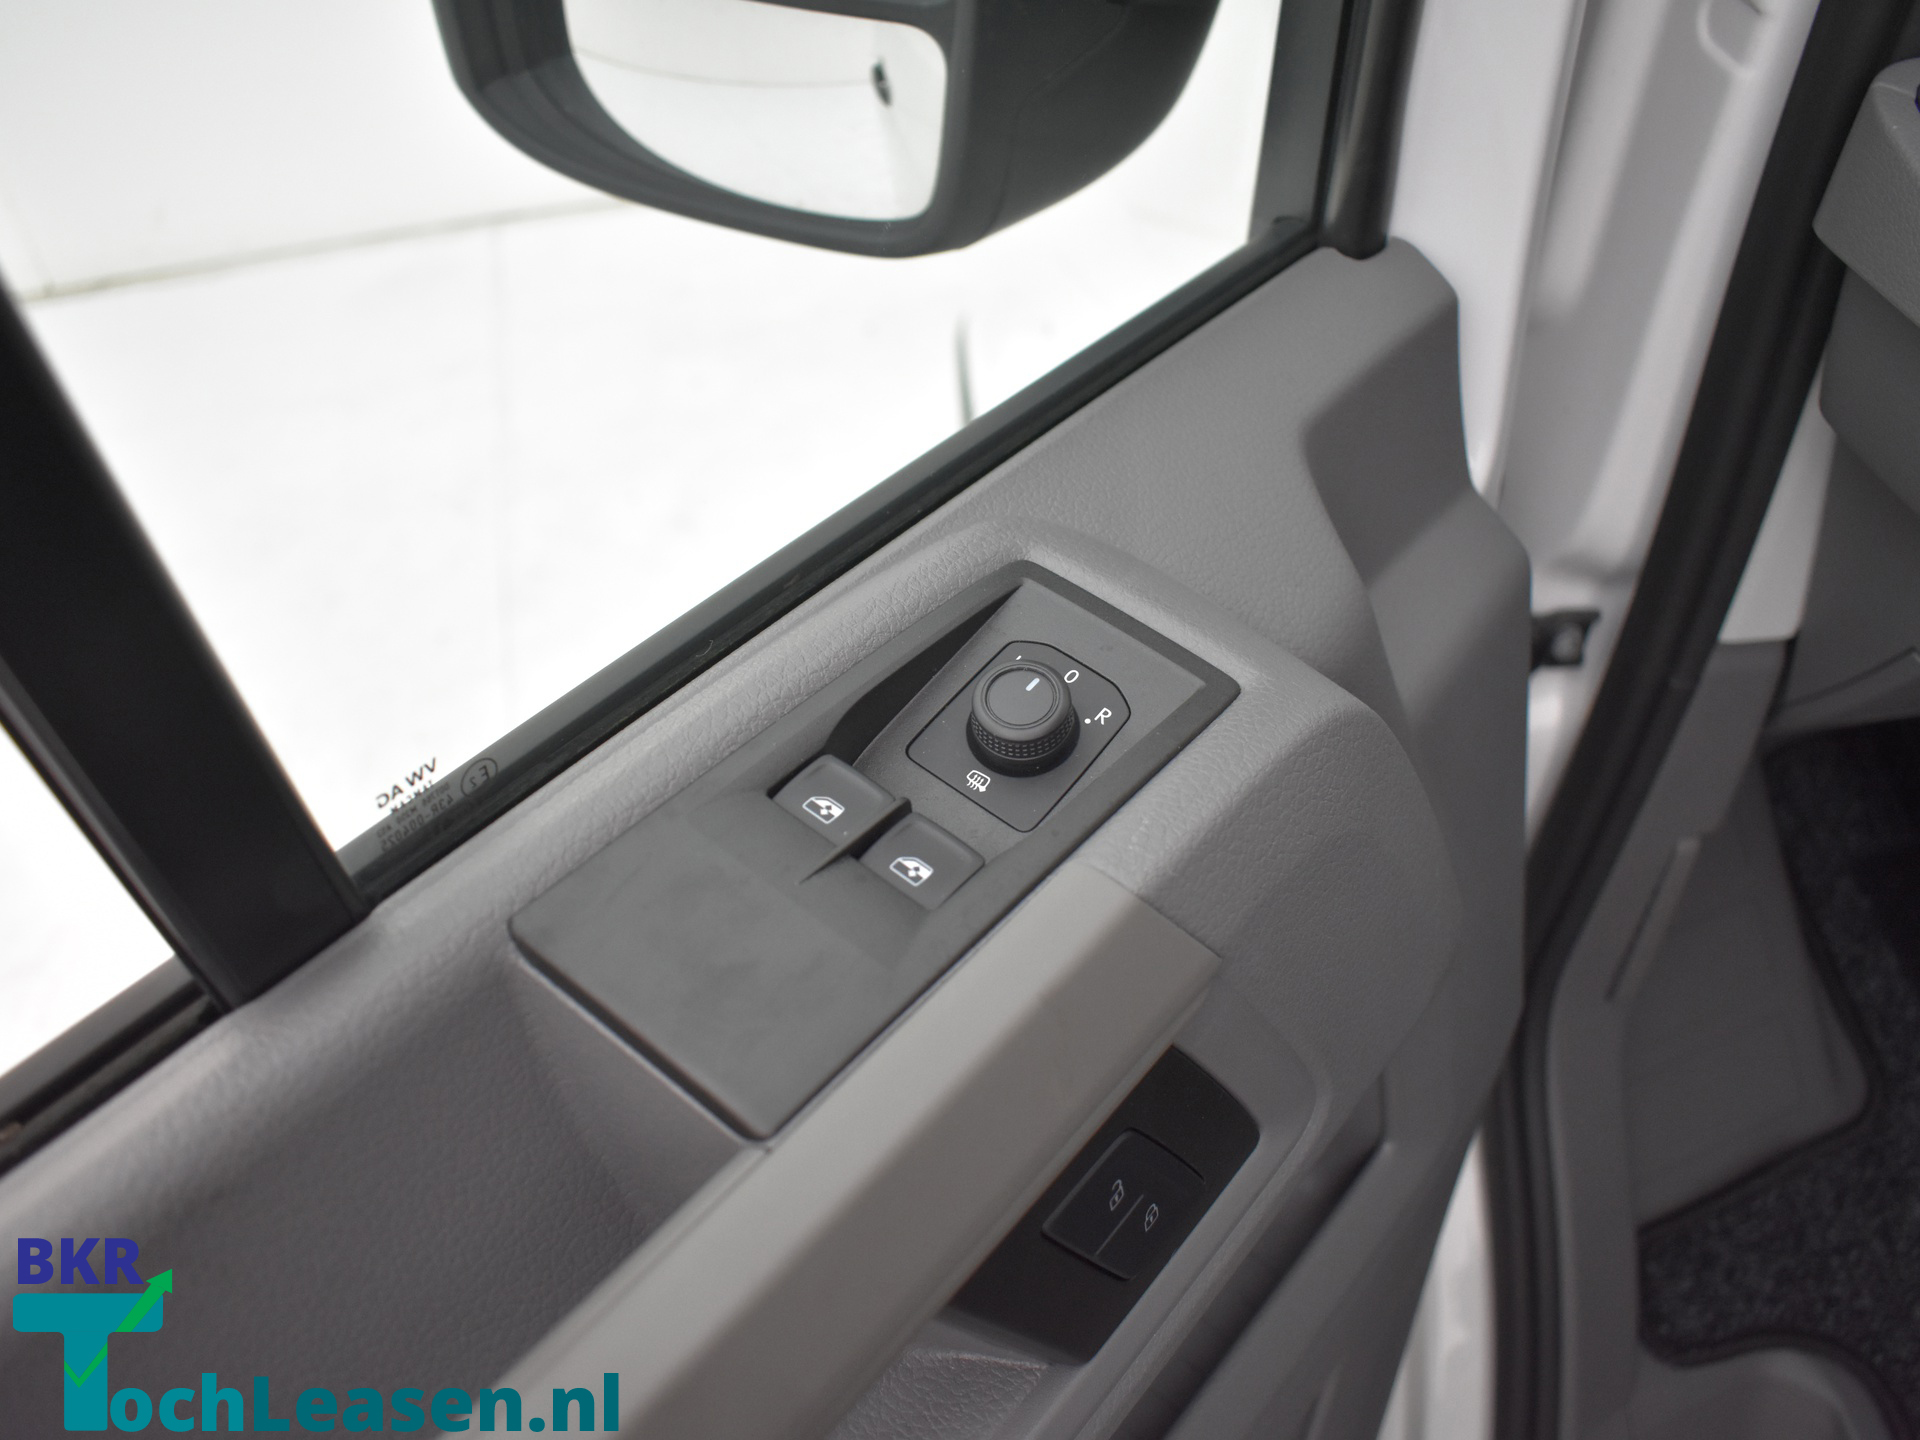 BkrTochLeasen.nl - Witte Volkswagen Crafter 8